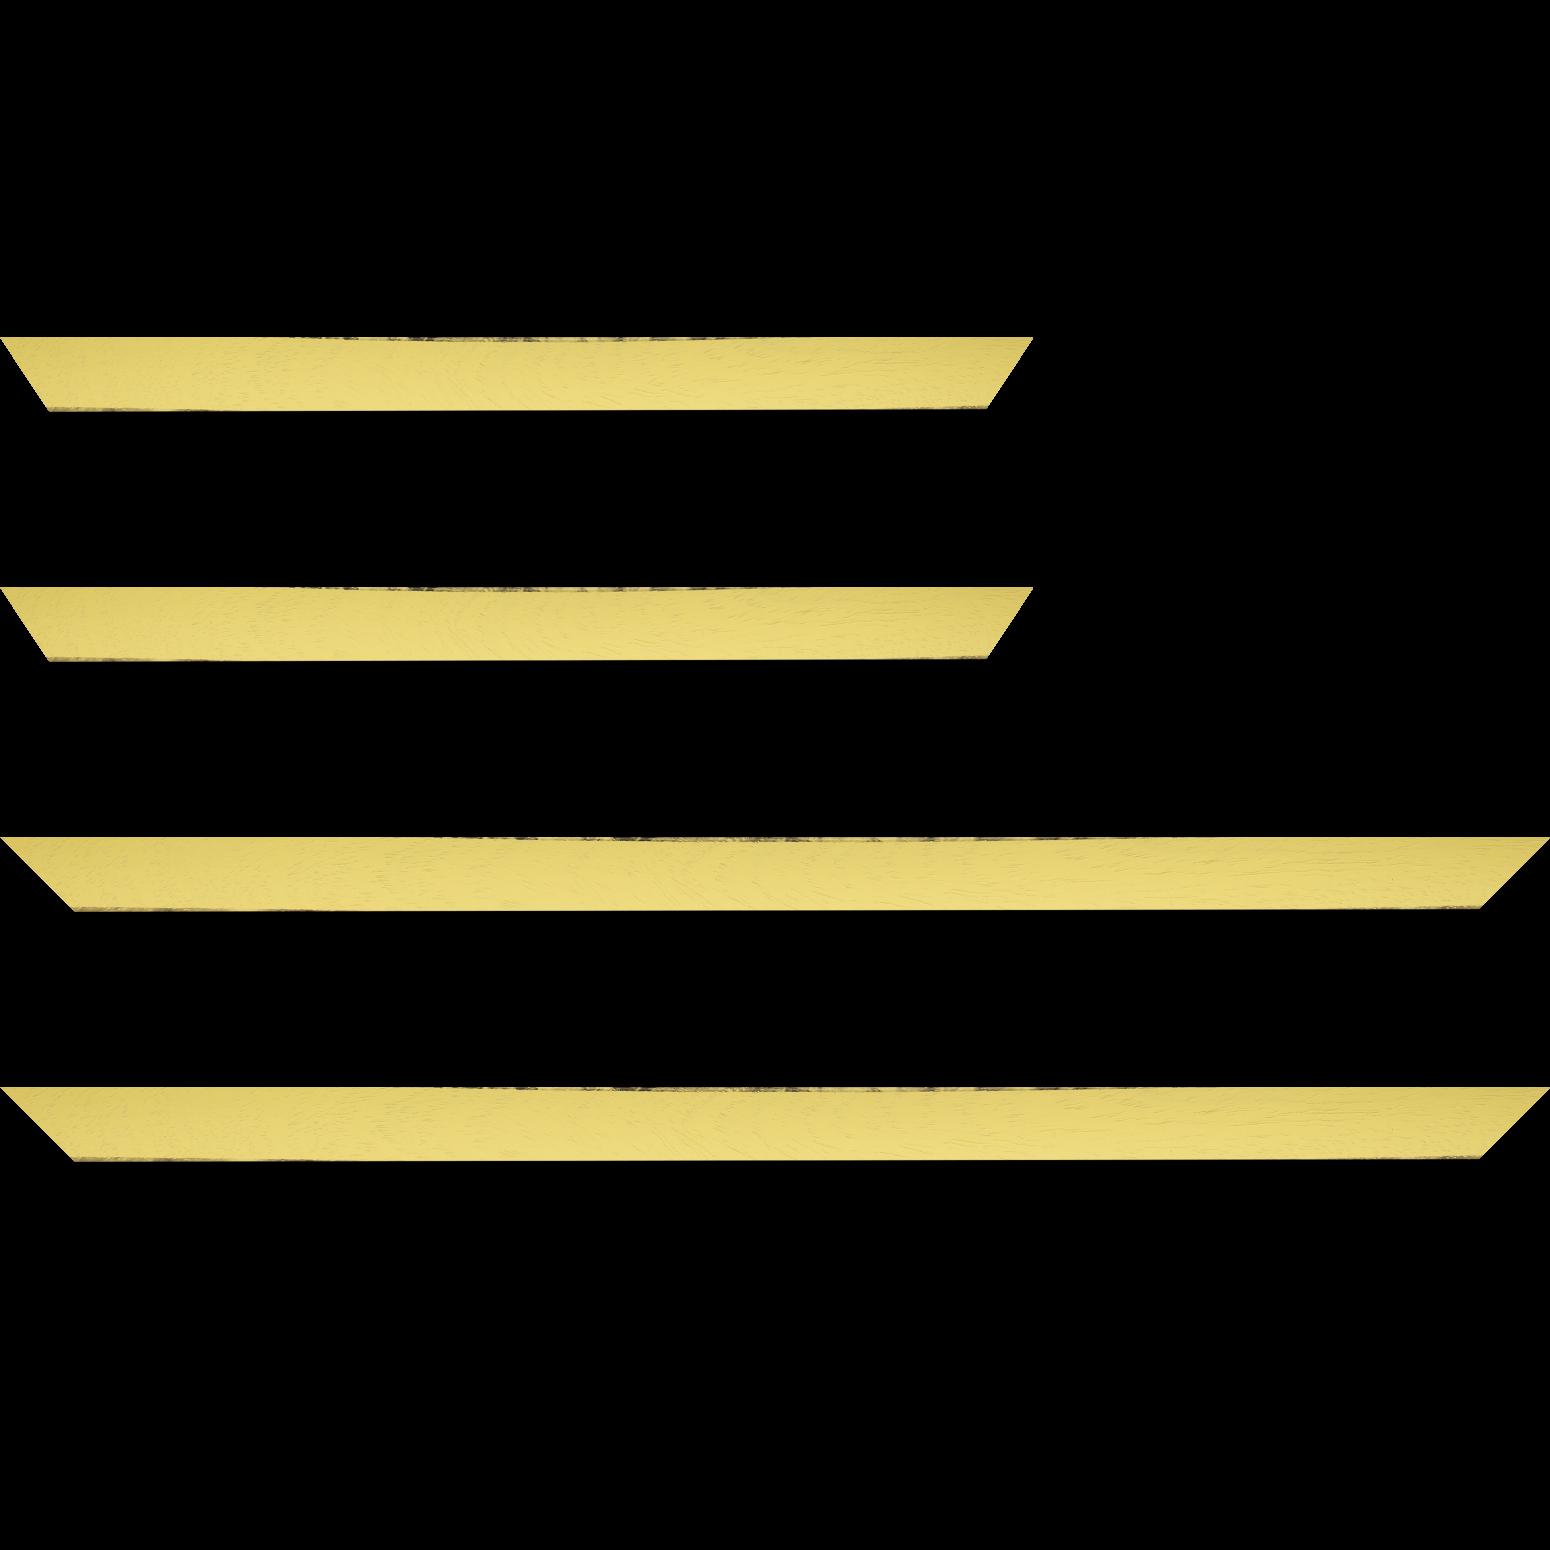 Baguette service précoupé Bois profil concave largeur 2.4cm couleur jaune tonique satiné arêtes essuyés noircies de chaque coté